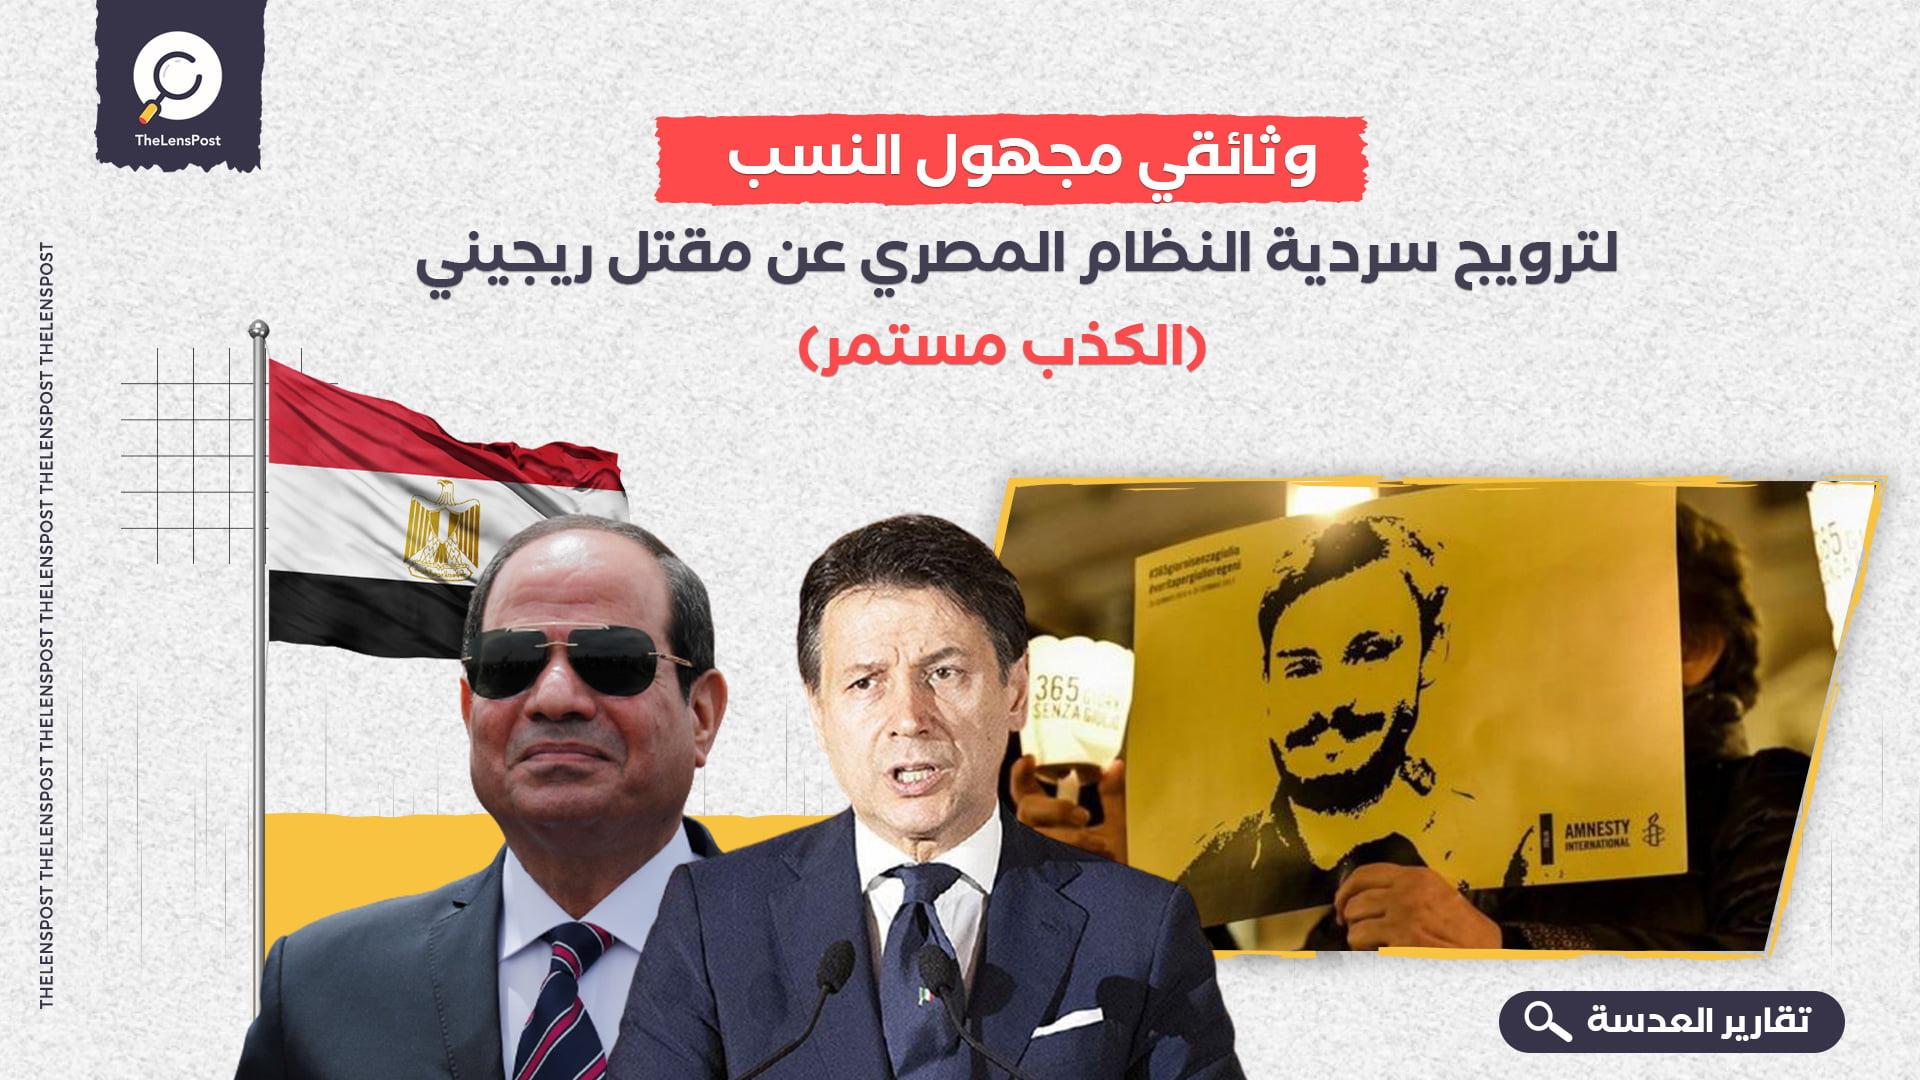 وثائقي مجهول النسب لترويج سردية النظام المصري عن مقتل ريجيني